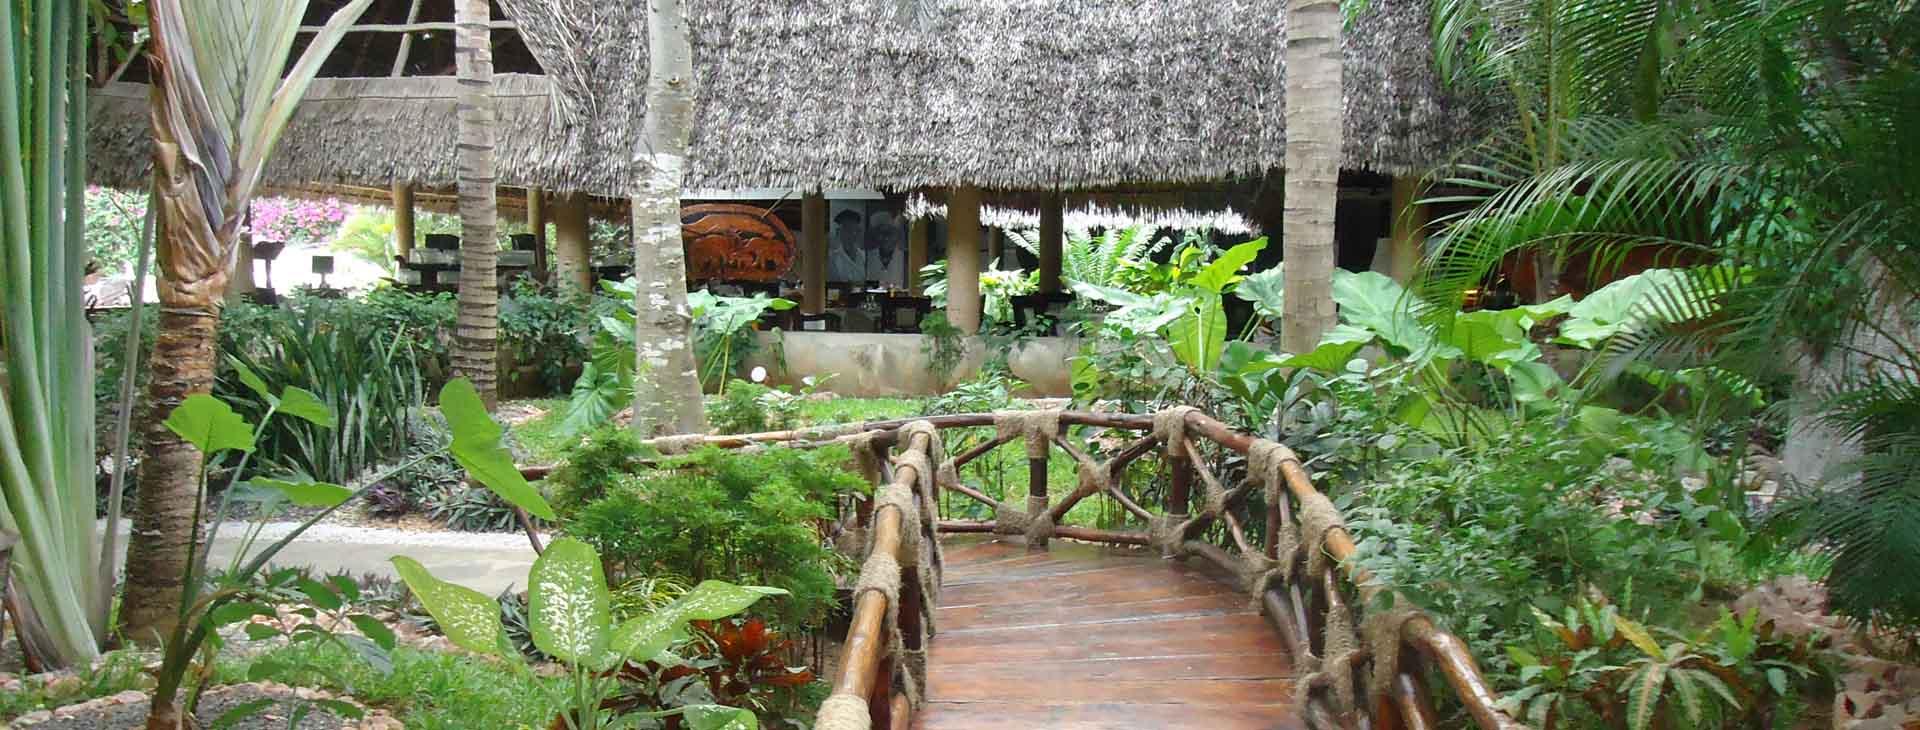 Scorpio Villas Kenia, Wybrzeże Malindi, Malindi